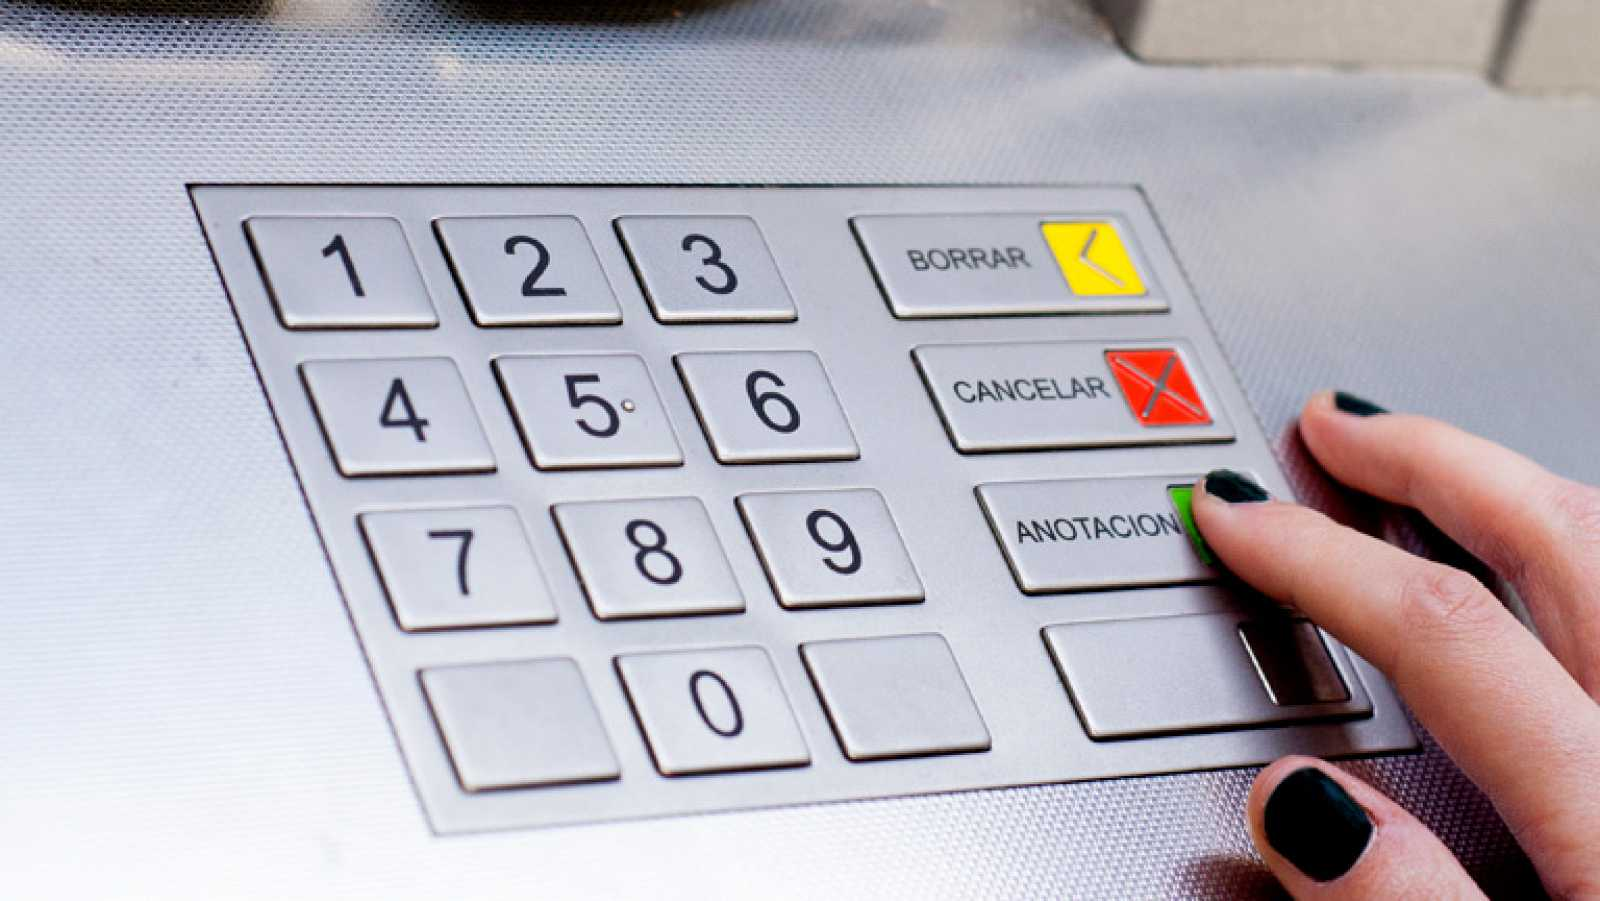 En menos de 1 mes, los bancos no podrán cobrar más de 3 euros mensuales por una cuenta básica.